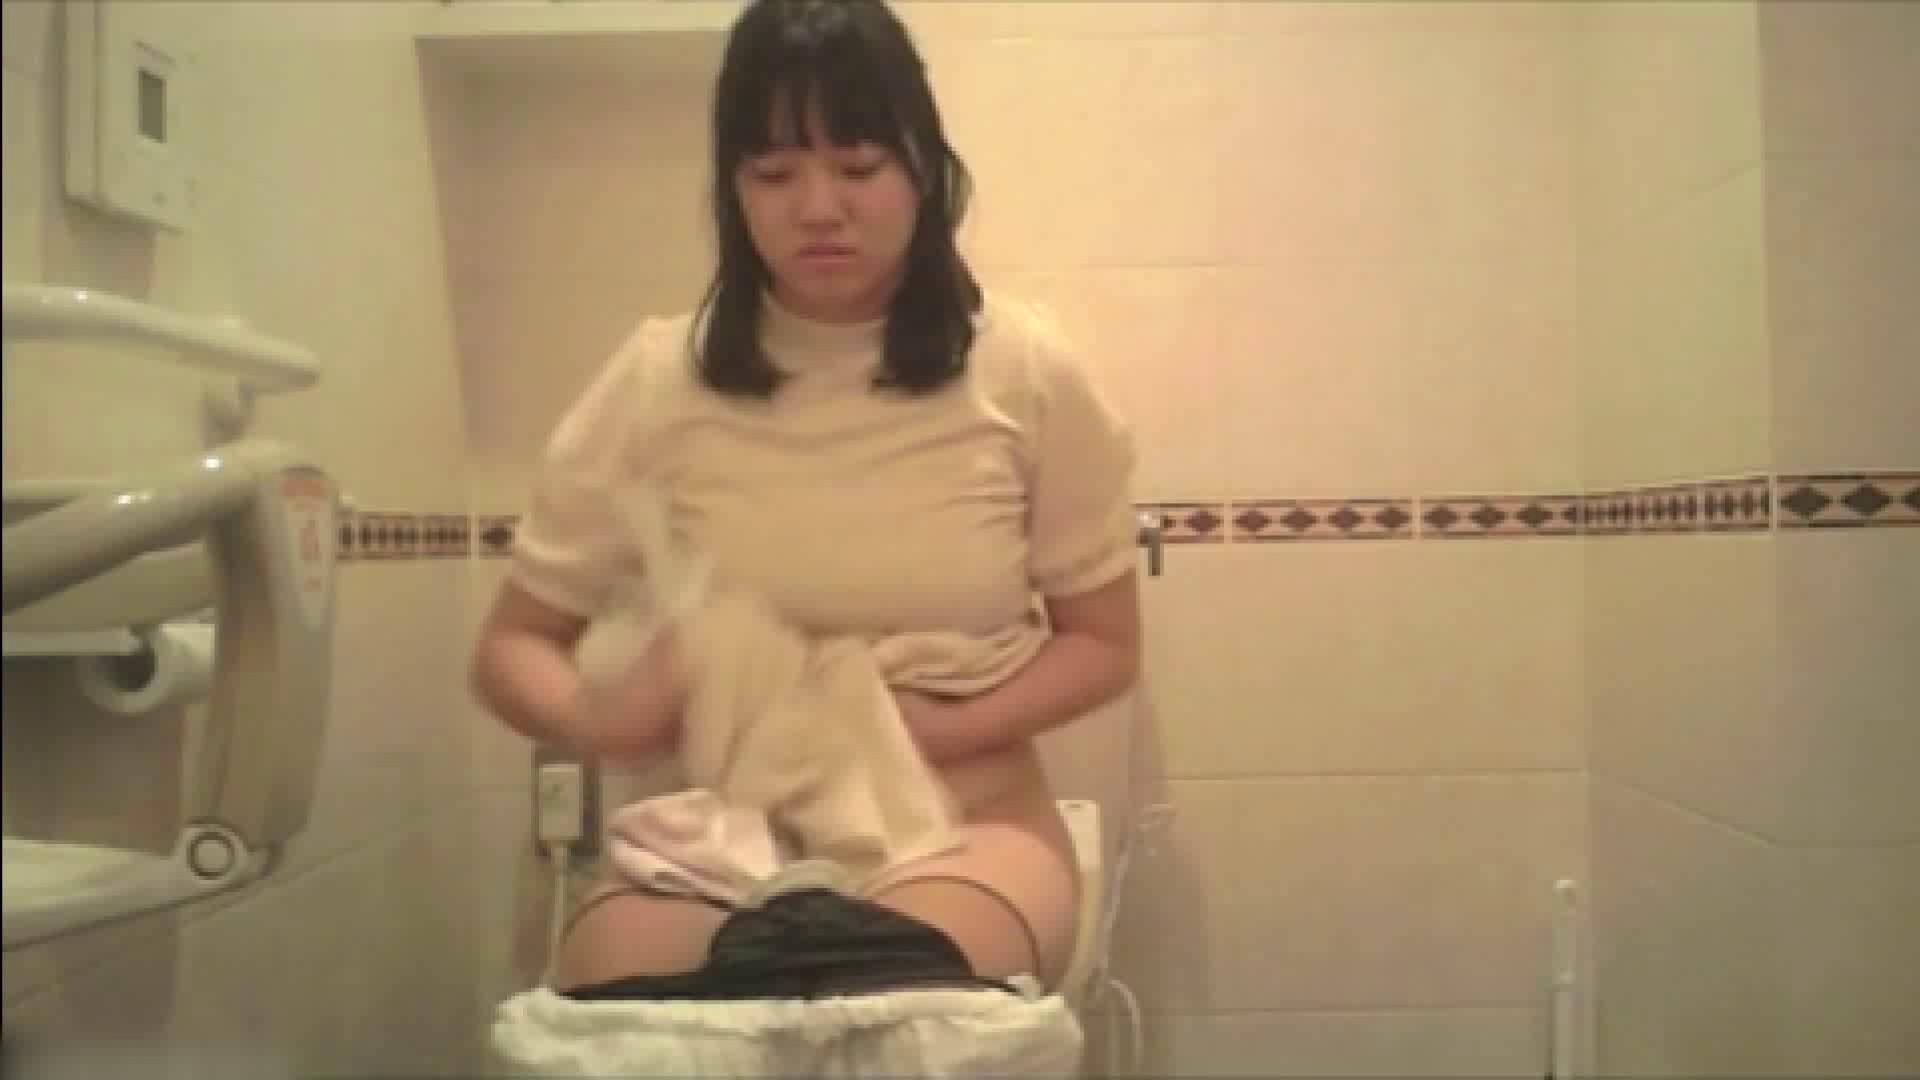 実録!!綺麗なお姉さんのトイレ事情・・・。vol.18 お姉さん丸裸 オマンコ動画キャプチャ 74pic 22